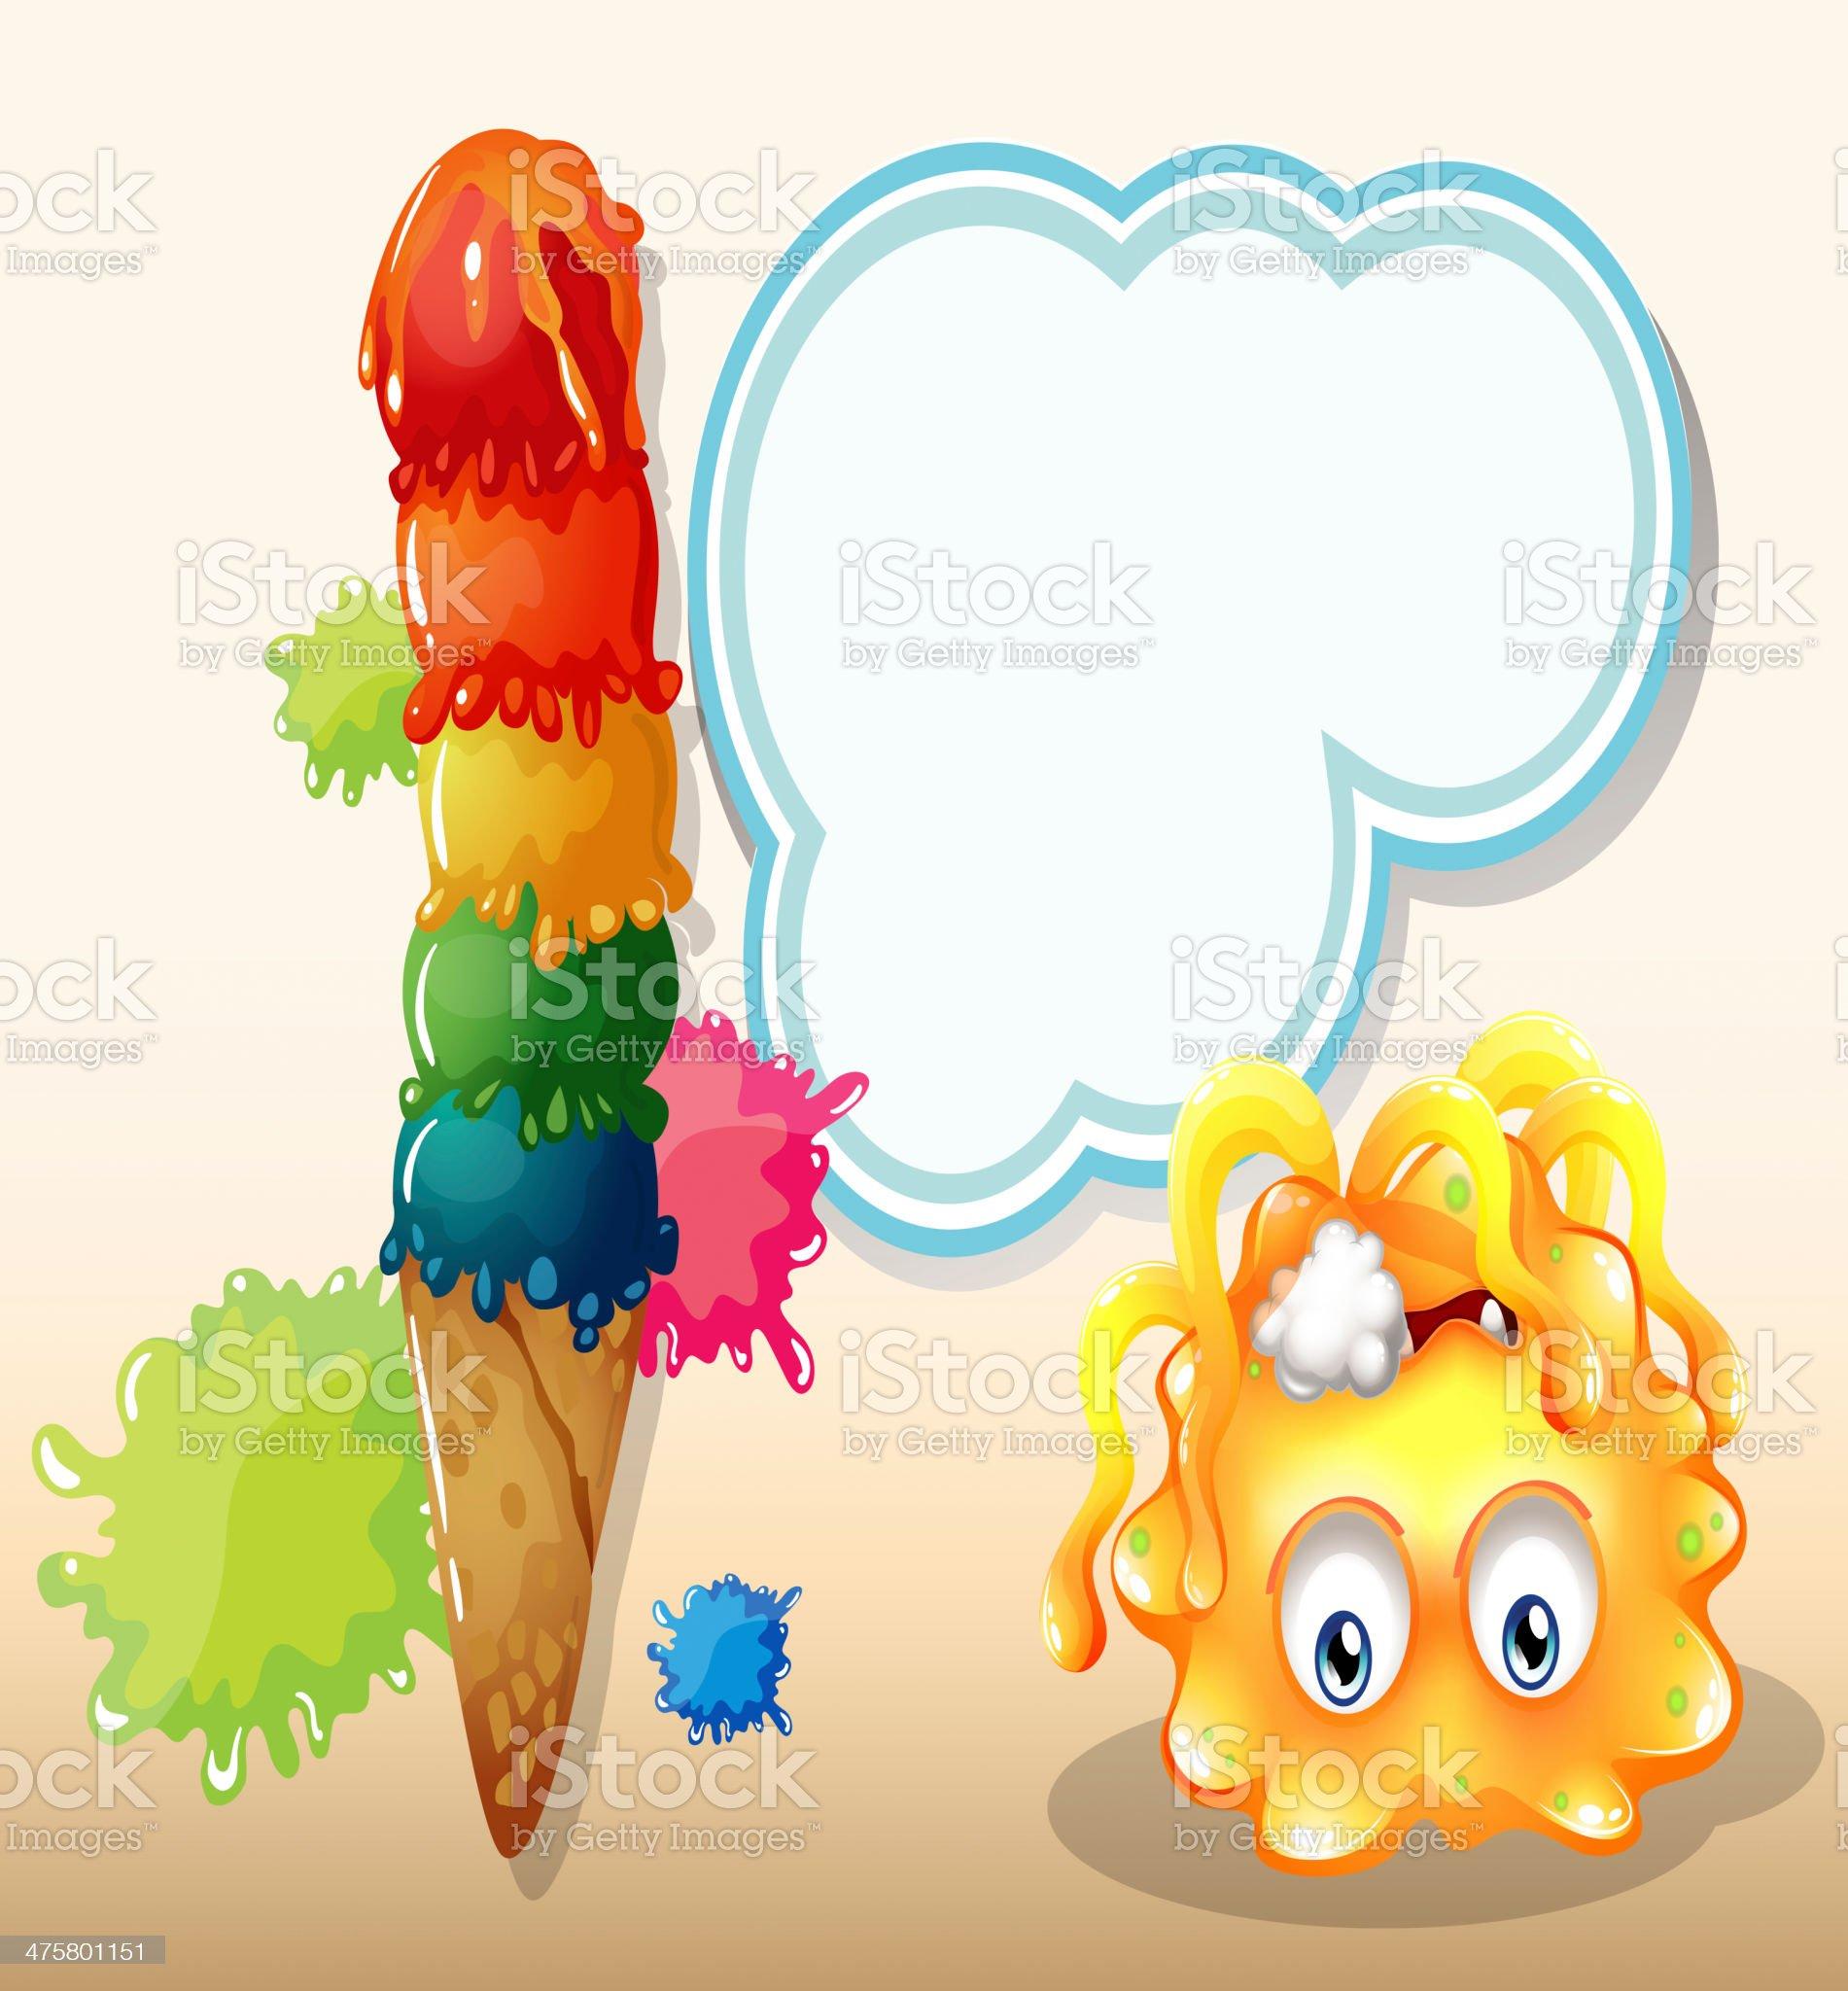 poisoned orange monster near the big icecream royalty-free stock vector art